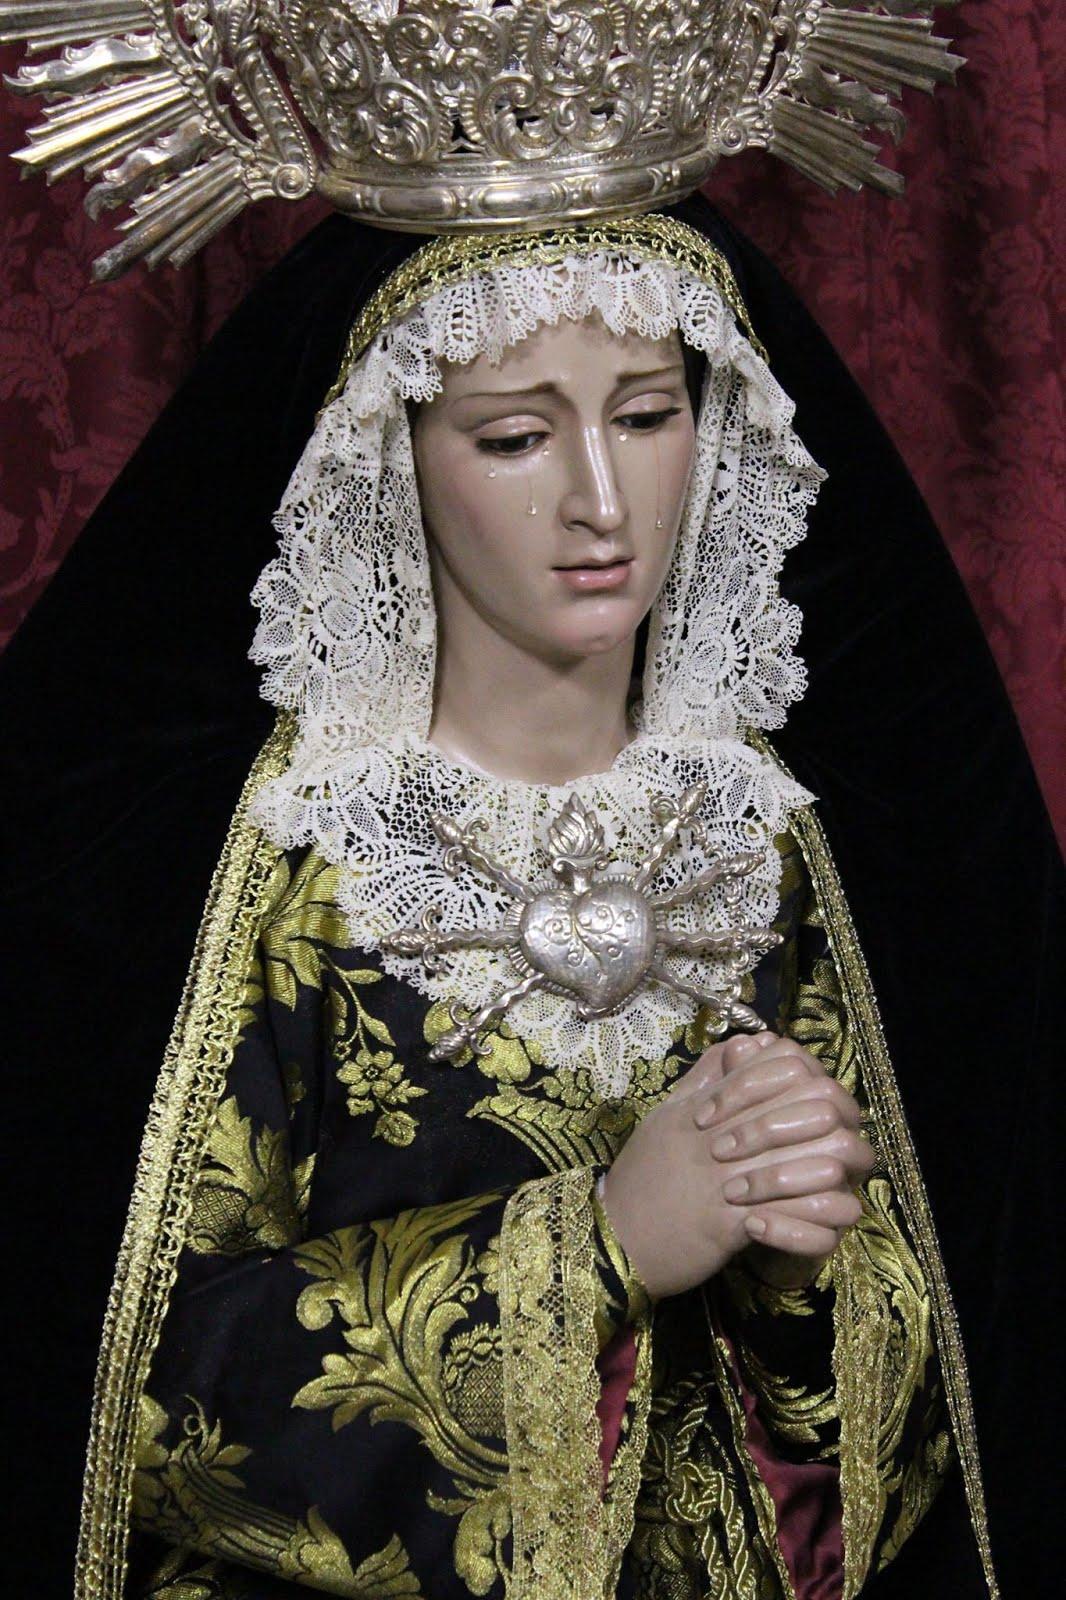 """Dolorosa, nominada a la mejor obra del VIII premio """"La Hornacina""""."""